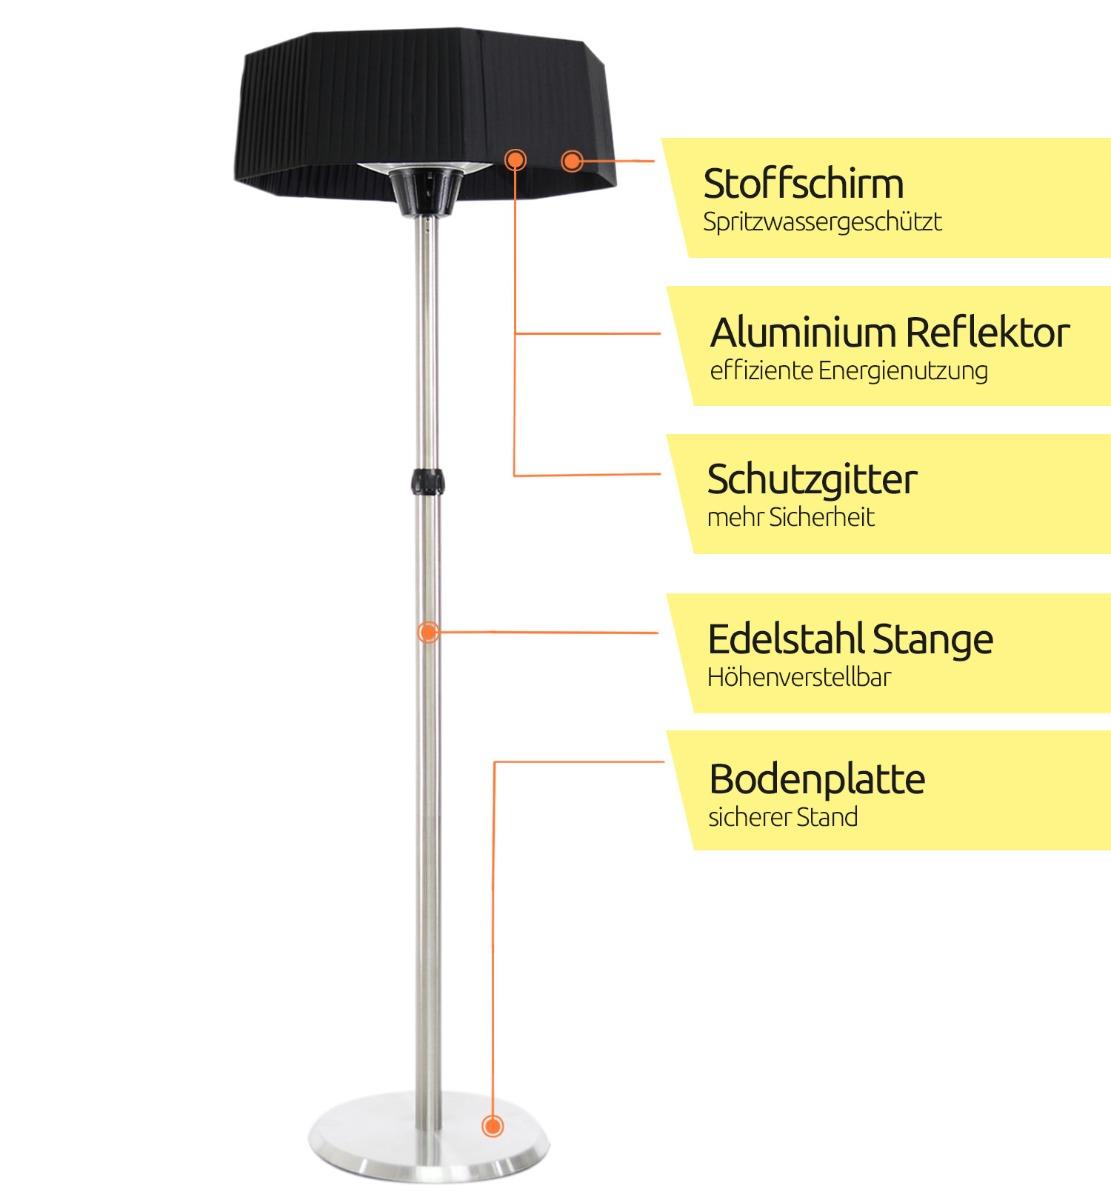 Infrarot Heizstrahler - Details